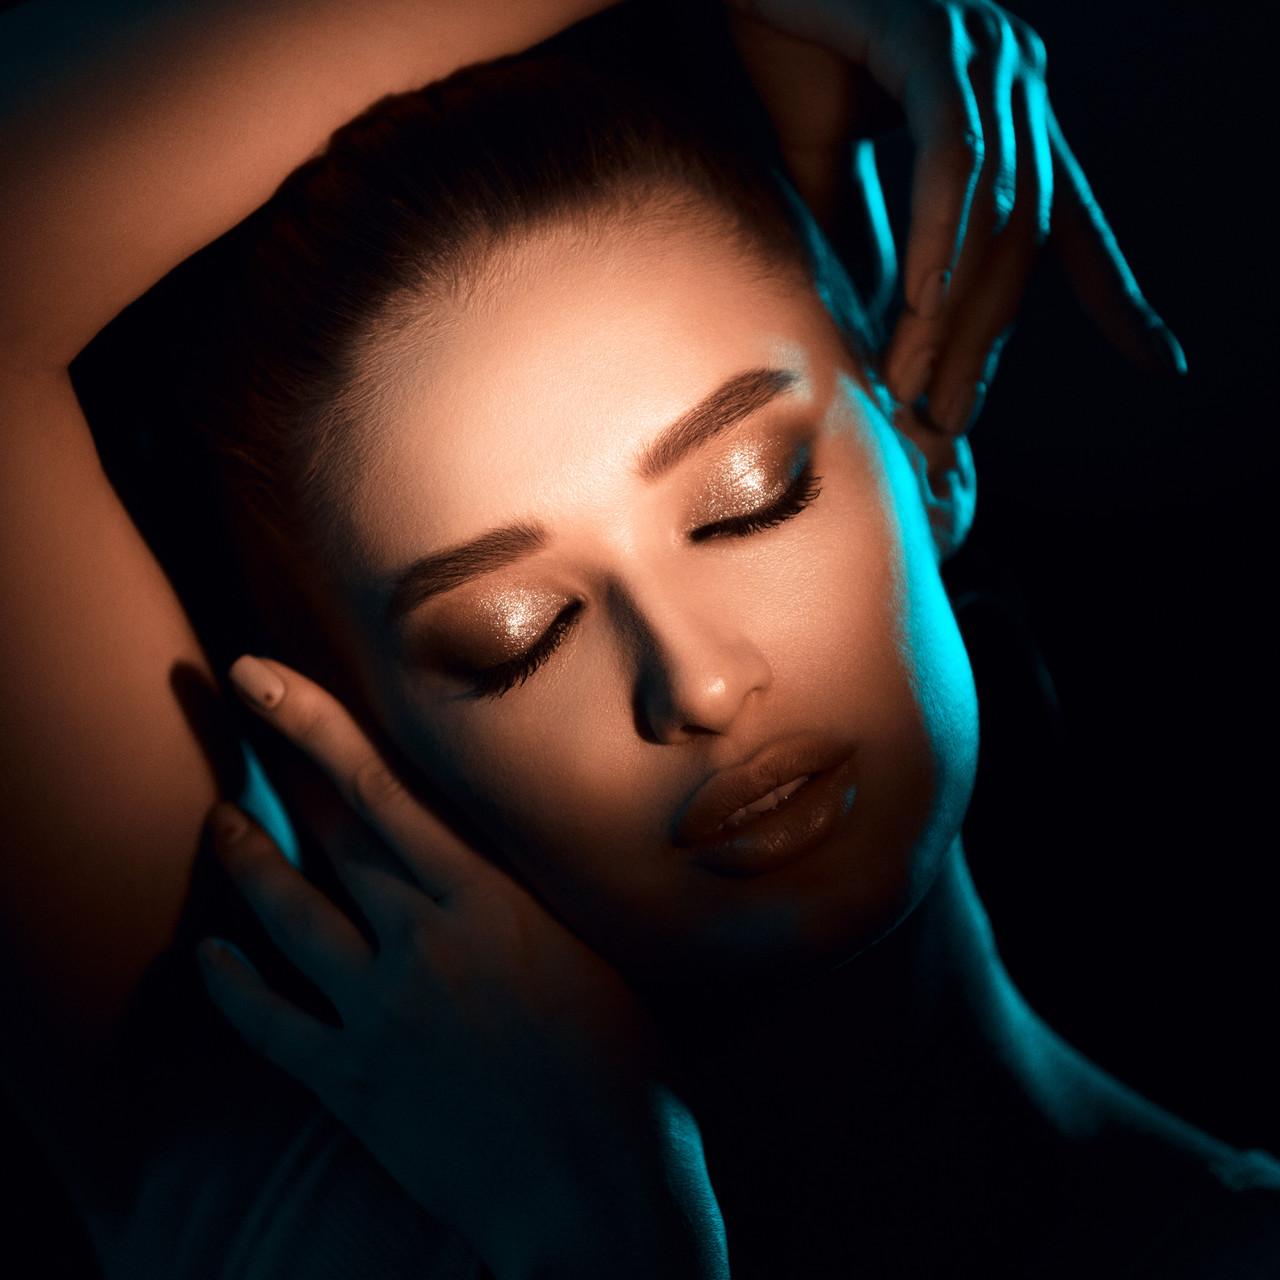 Işık ile kalın kaş vurgulaması yapılan gözleri kapalı esmer model